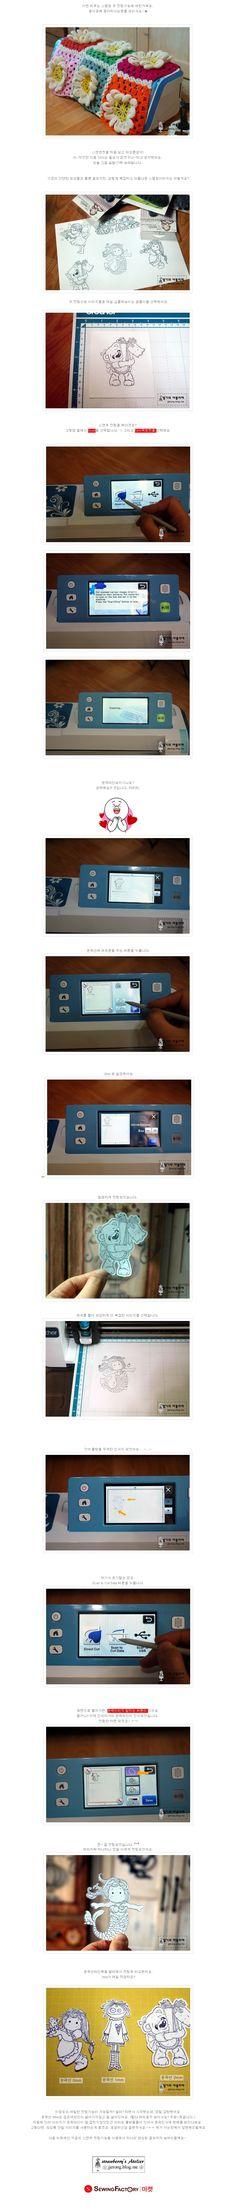 부라더 공식 온라인 종합쇼핑몰 | 재봉틀, 프린터, 스캔앤컷, 수입원단, 부자재 판매